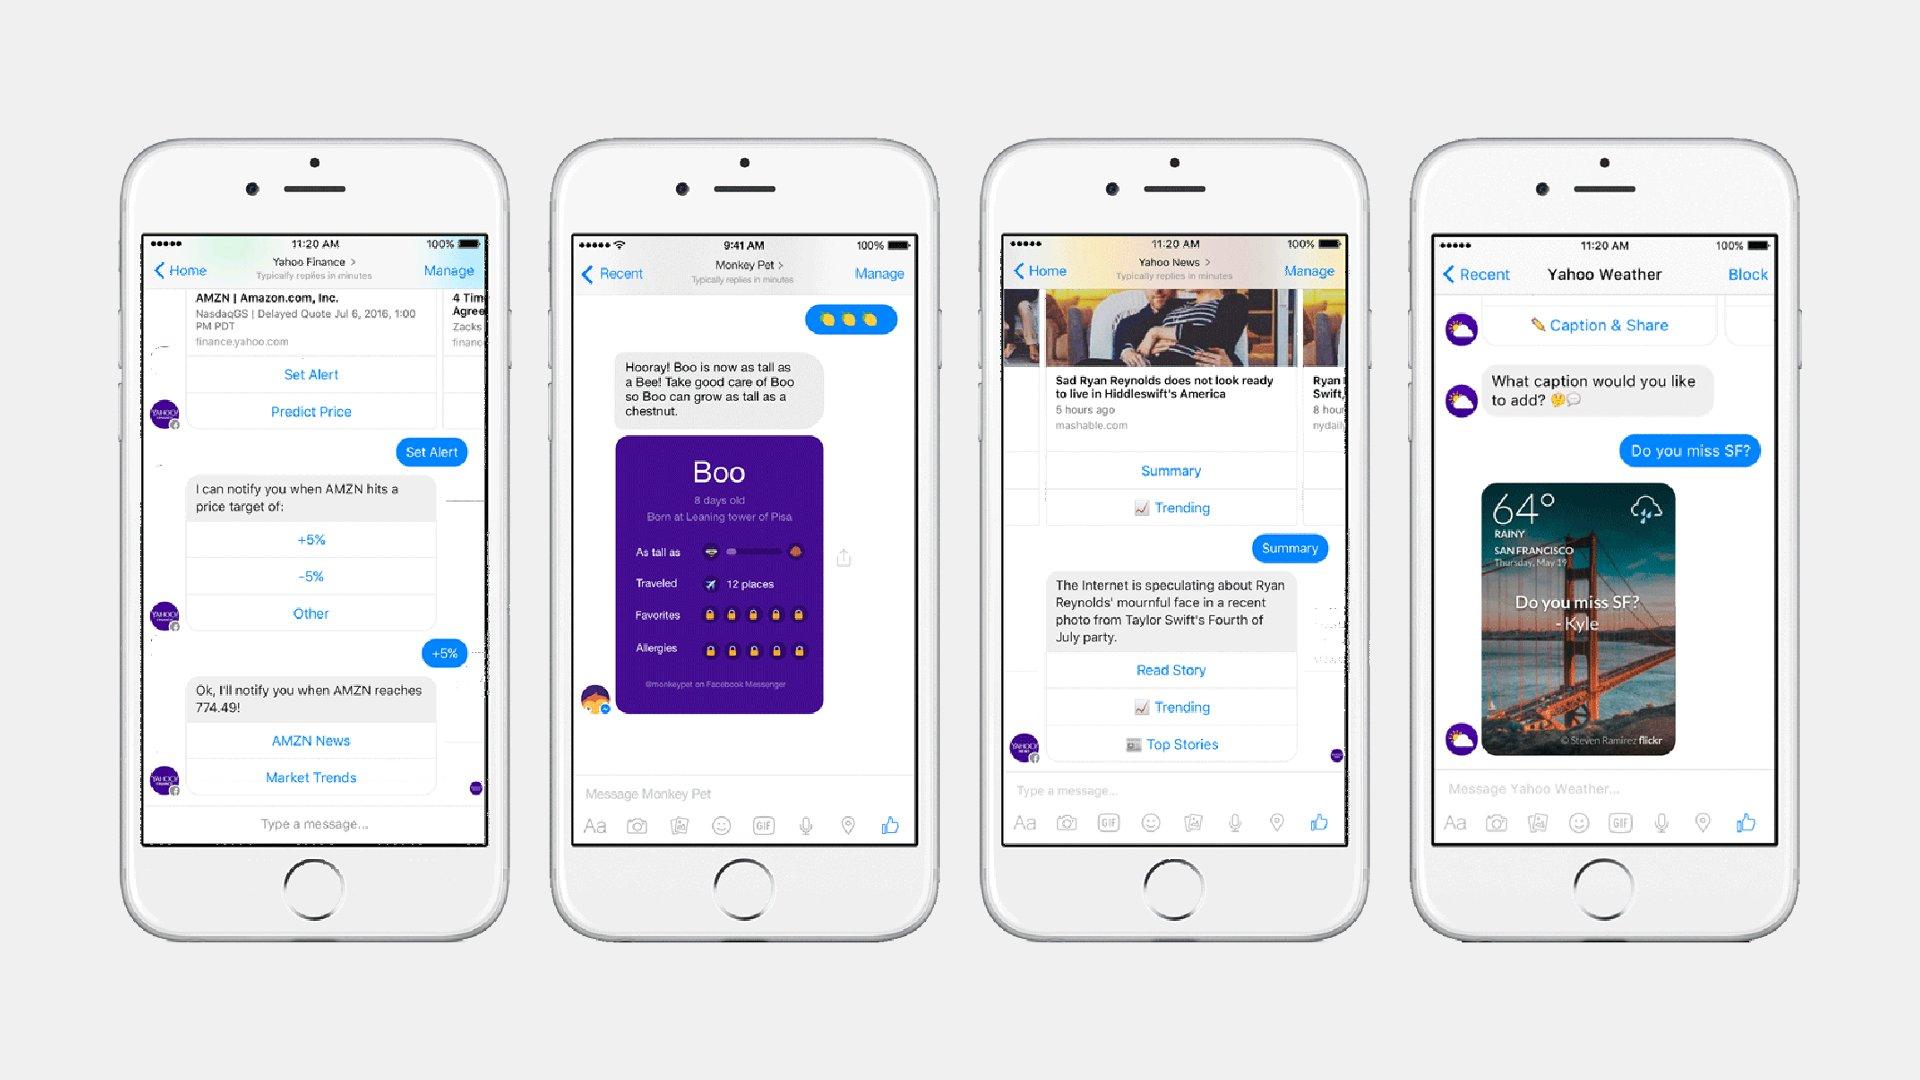 Yahoo Chatbots For Facebook Messenger